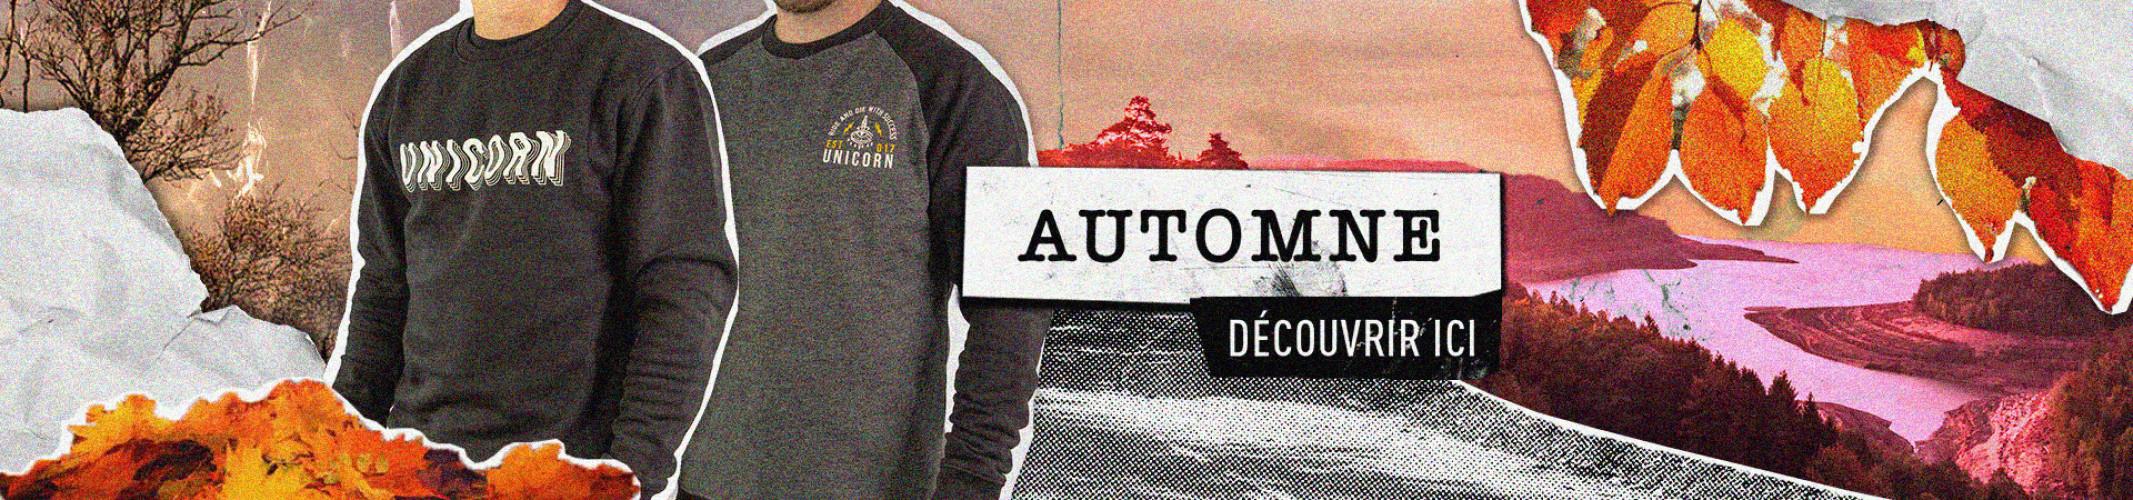 Nouvelle collection : t-shirts, sweats, vêtements rider et accessoires